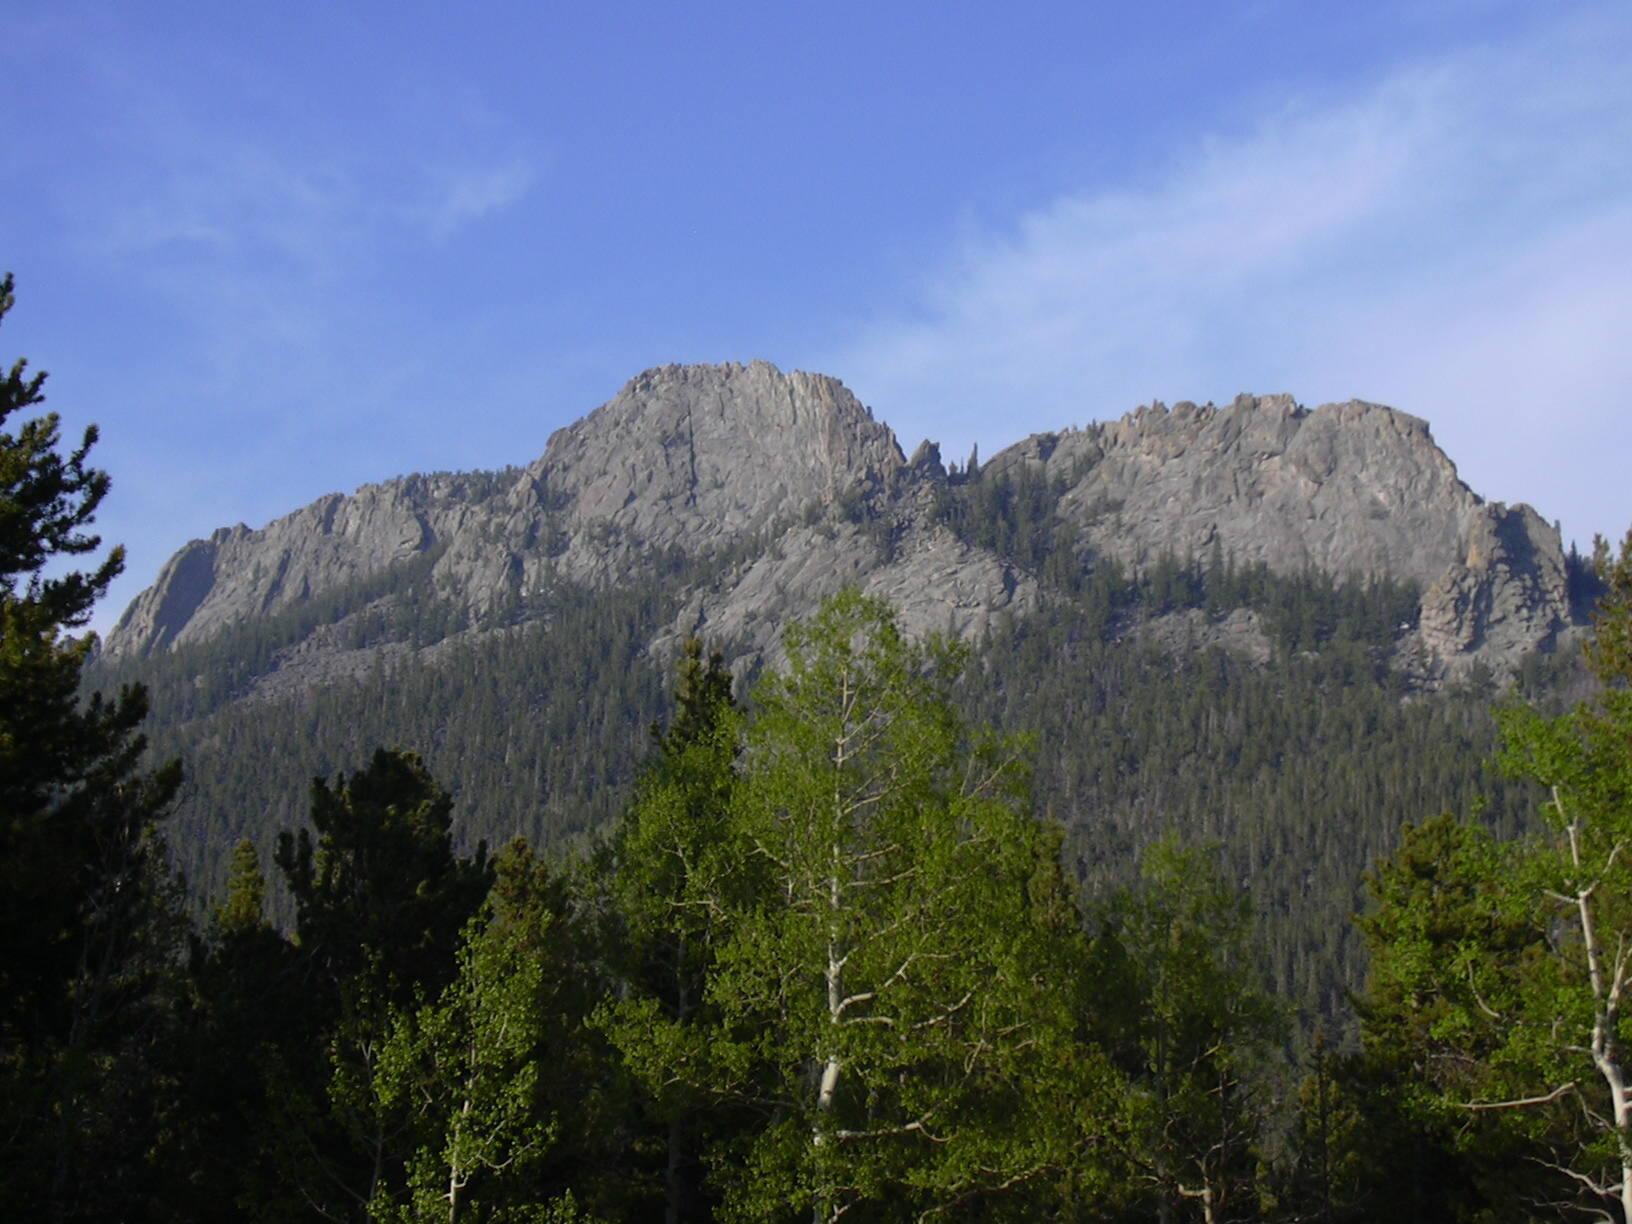 Thorodin Mountain